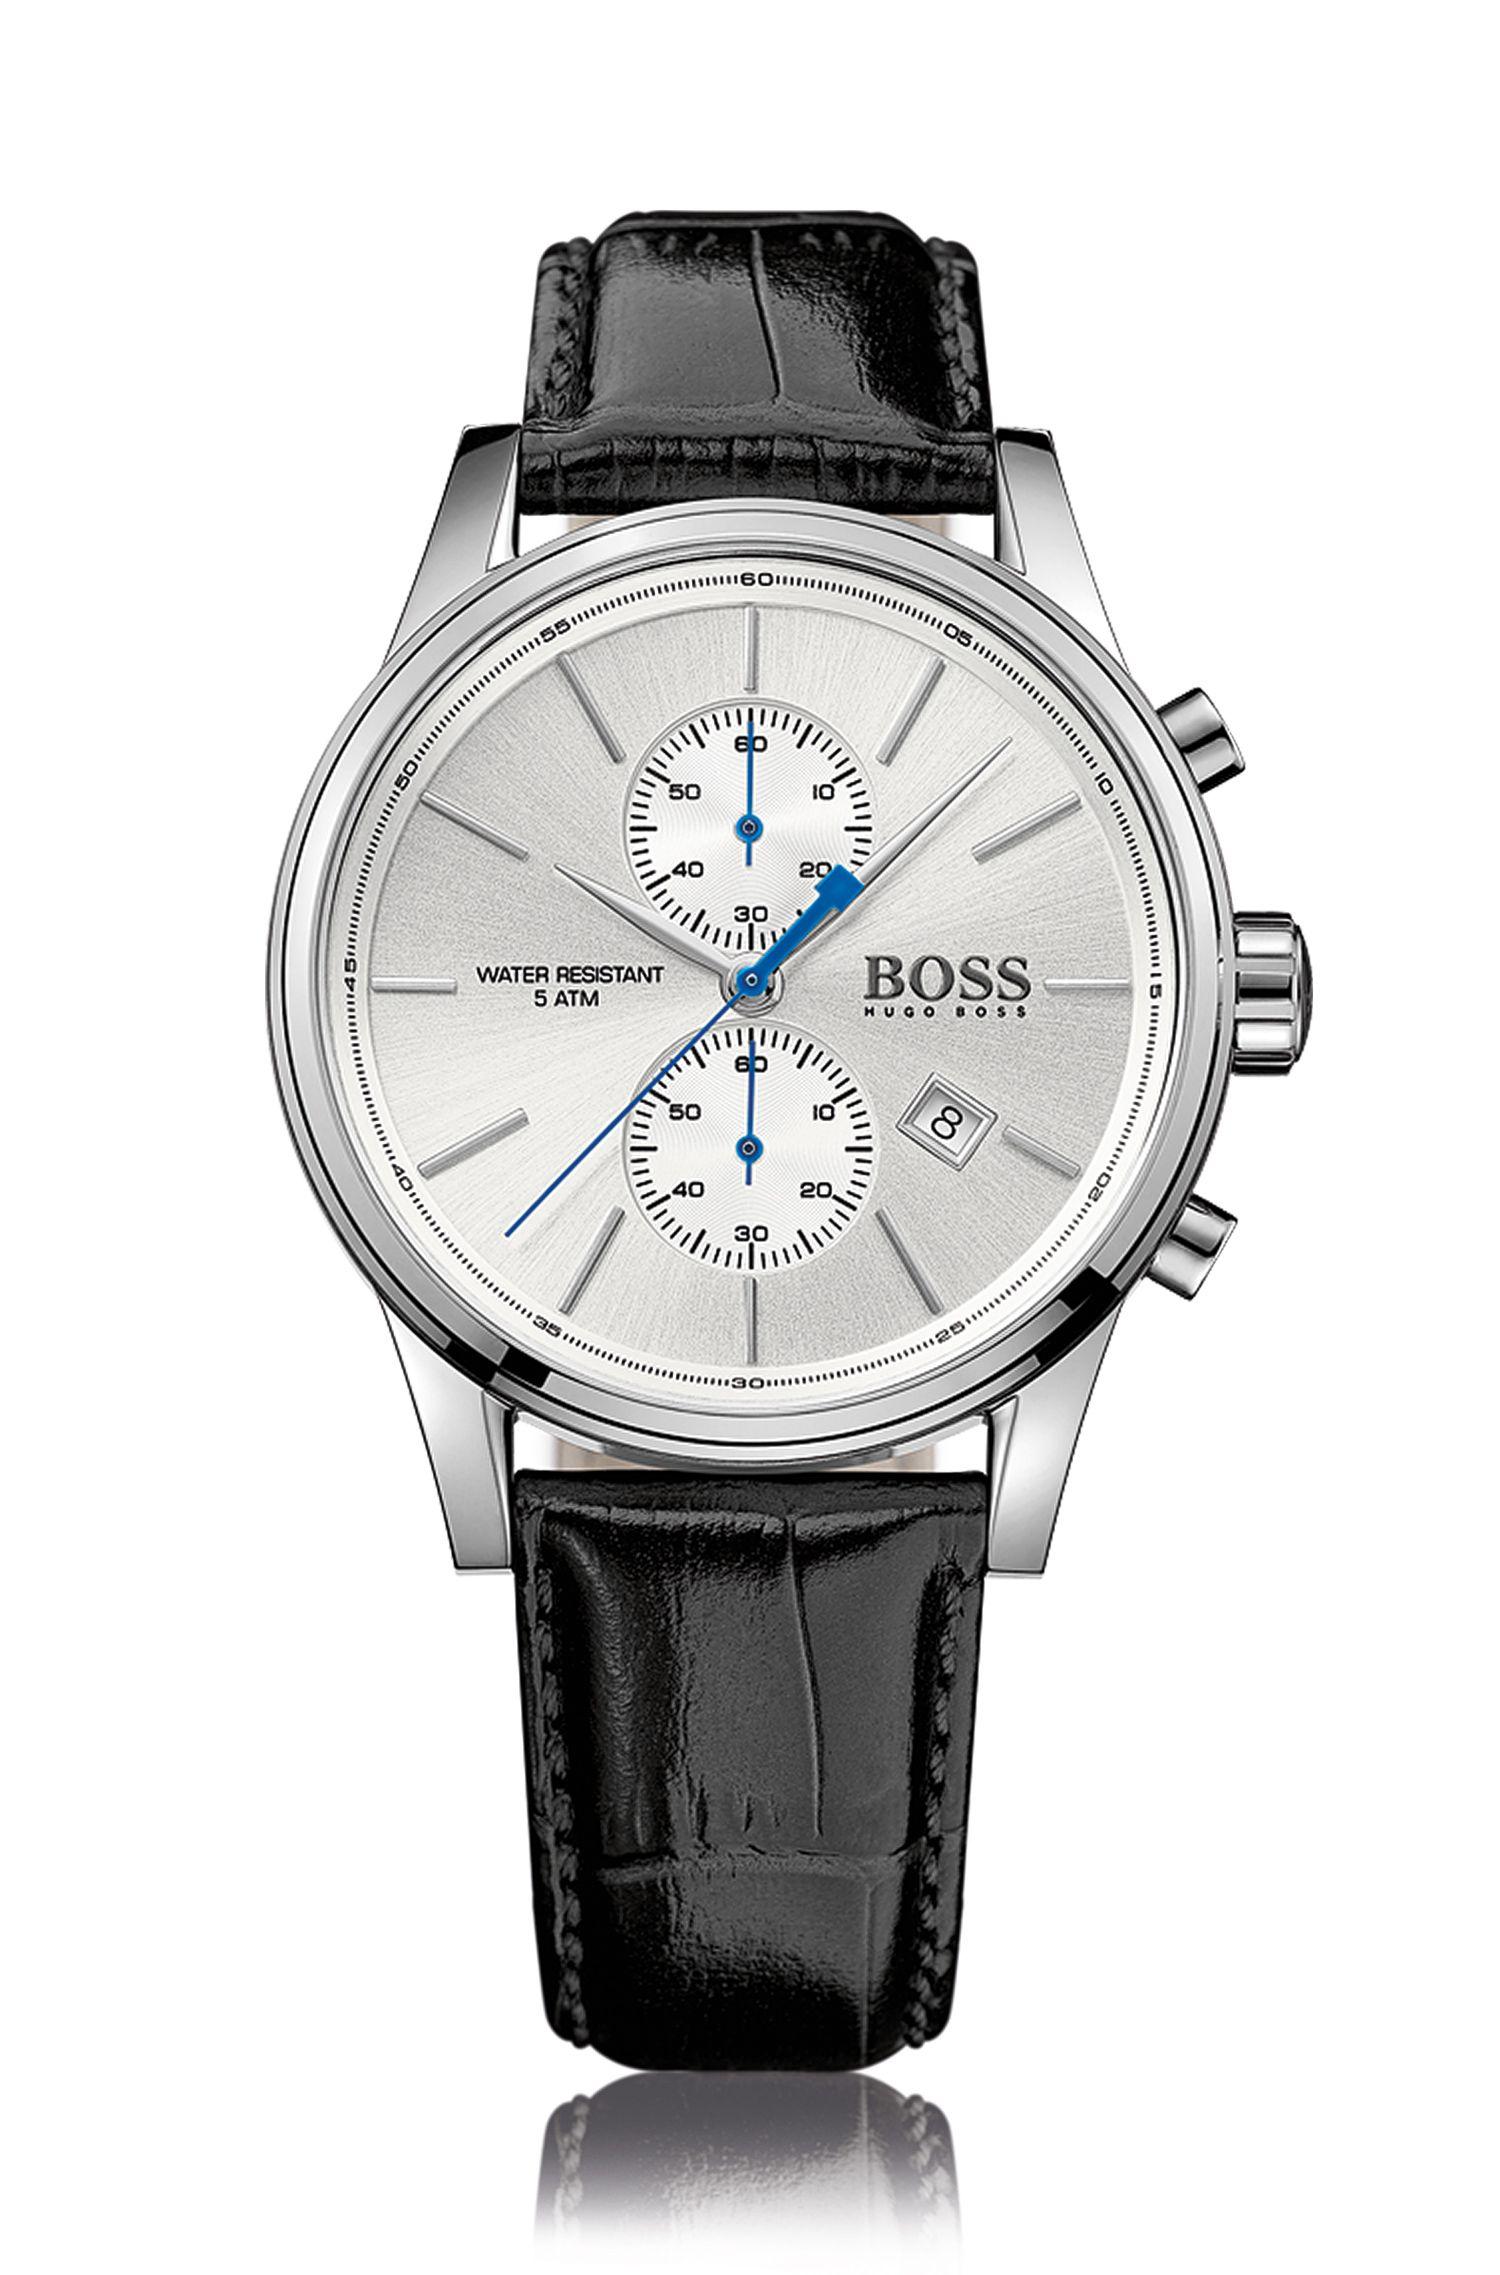 Montre chronographe à deux sous-cadrans en acier inoxydable poli, à cadran argenté et bracelet en cuir